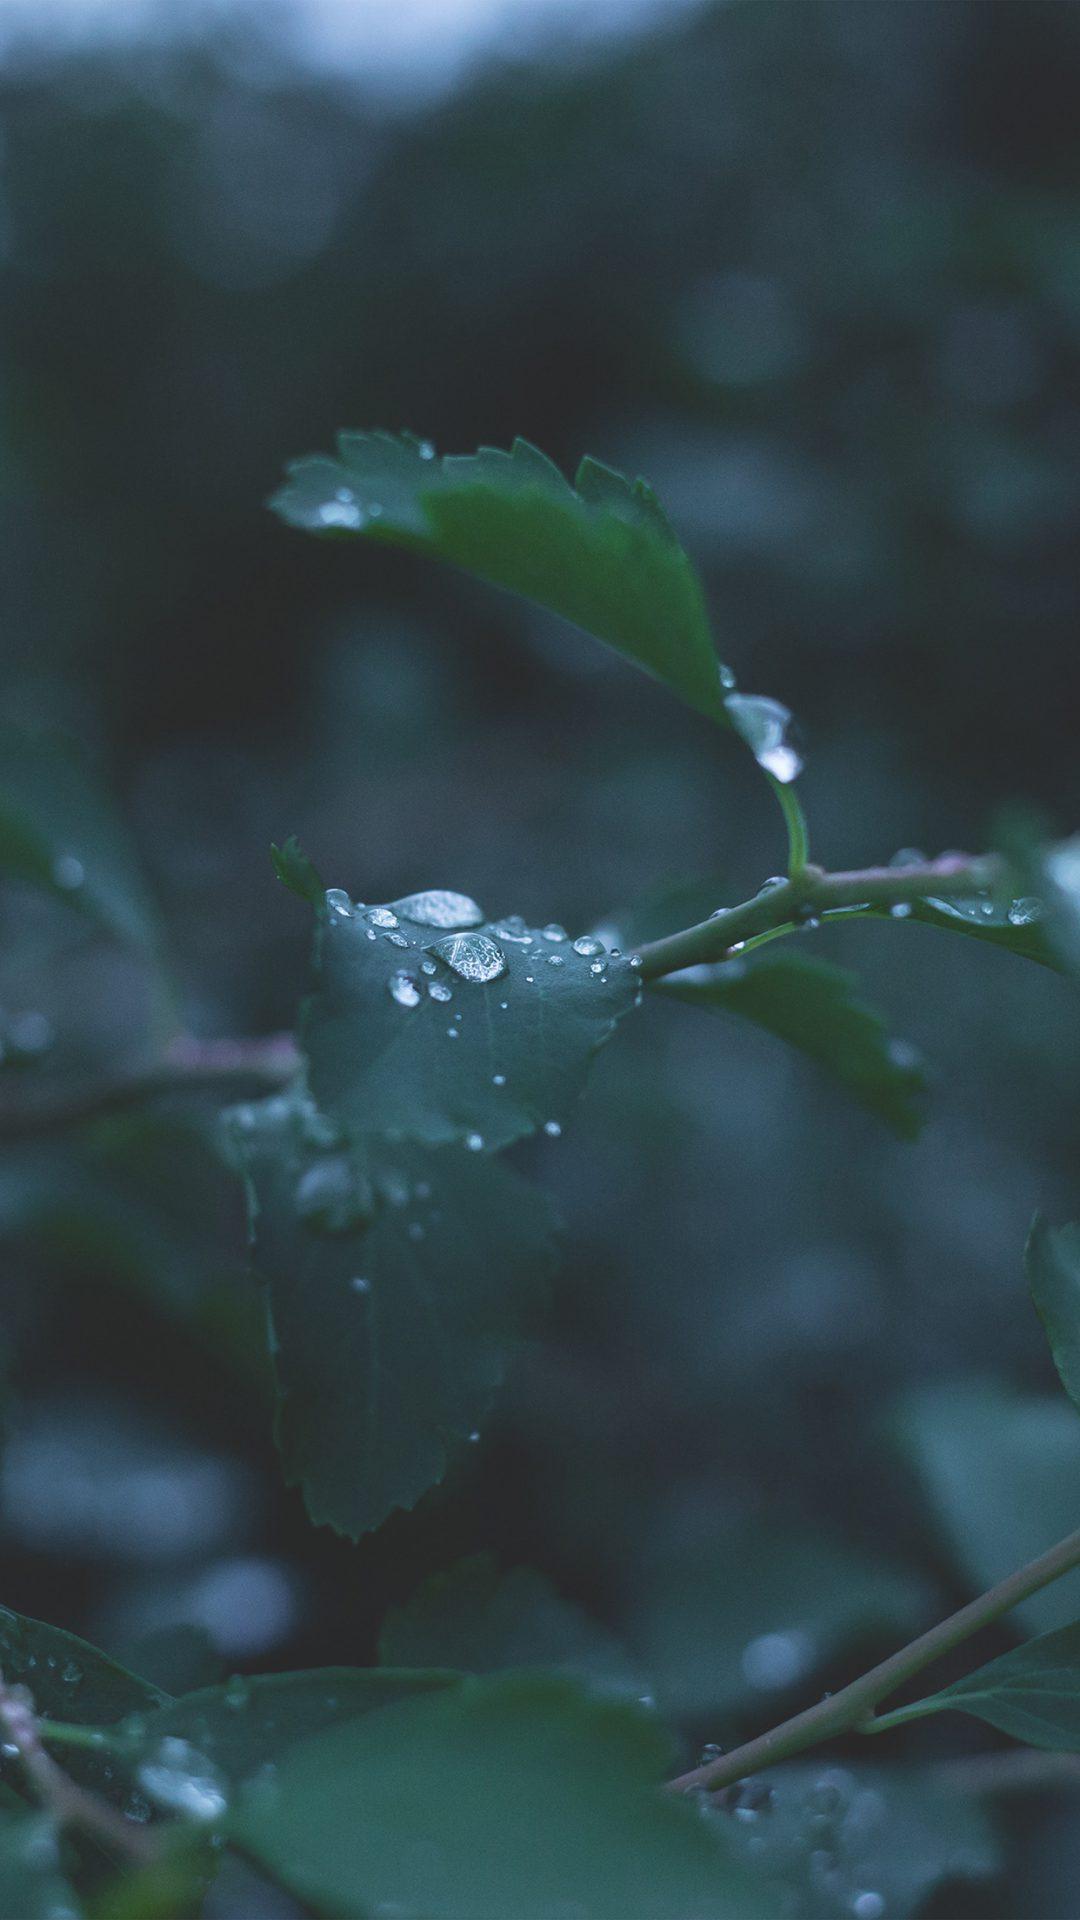 Leaf Water Rain Nature Green